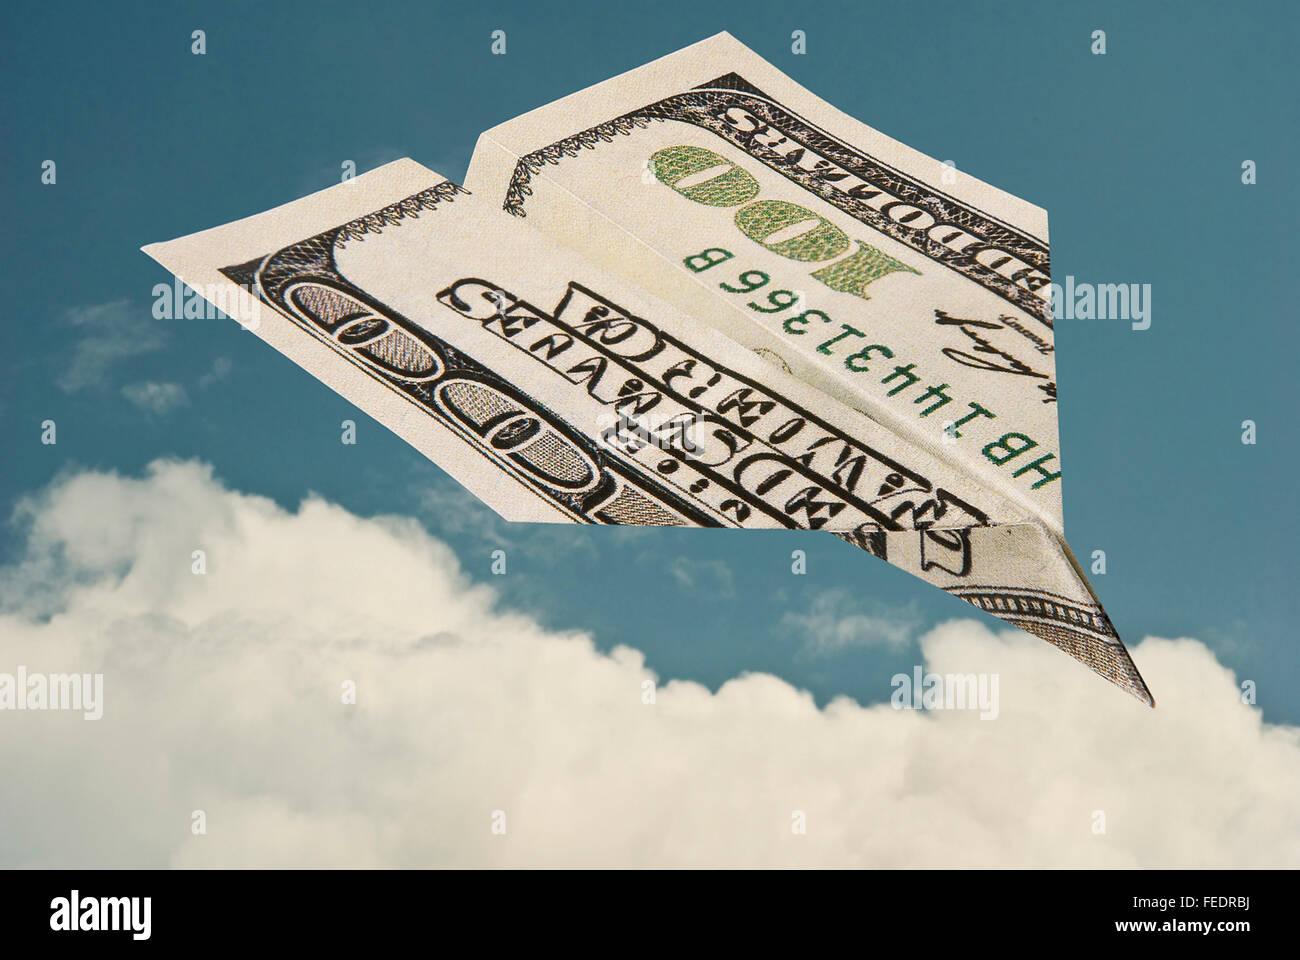 Luft-Reisekosten Stockbild